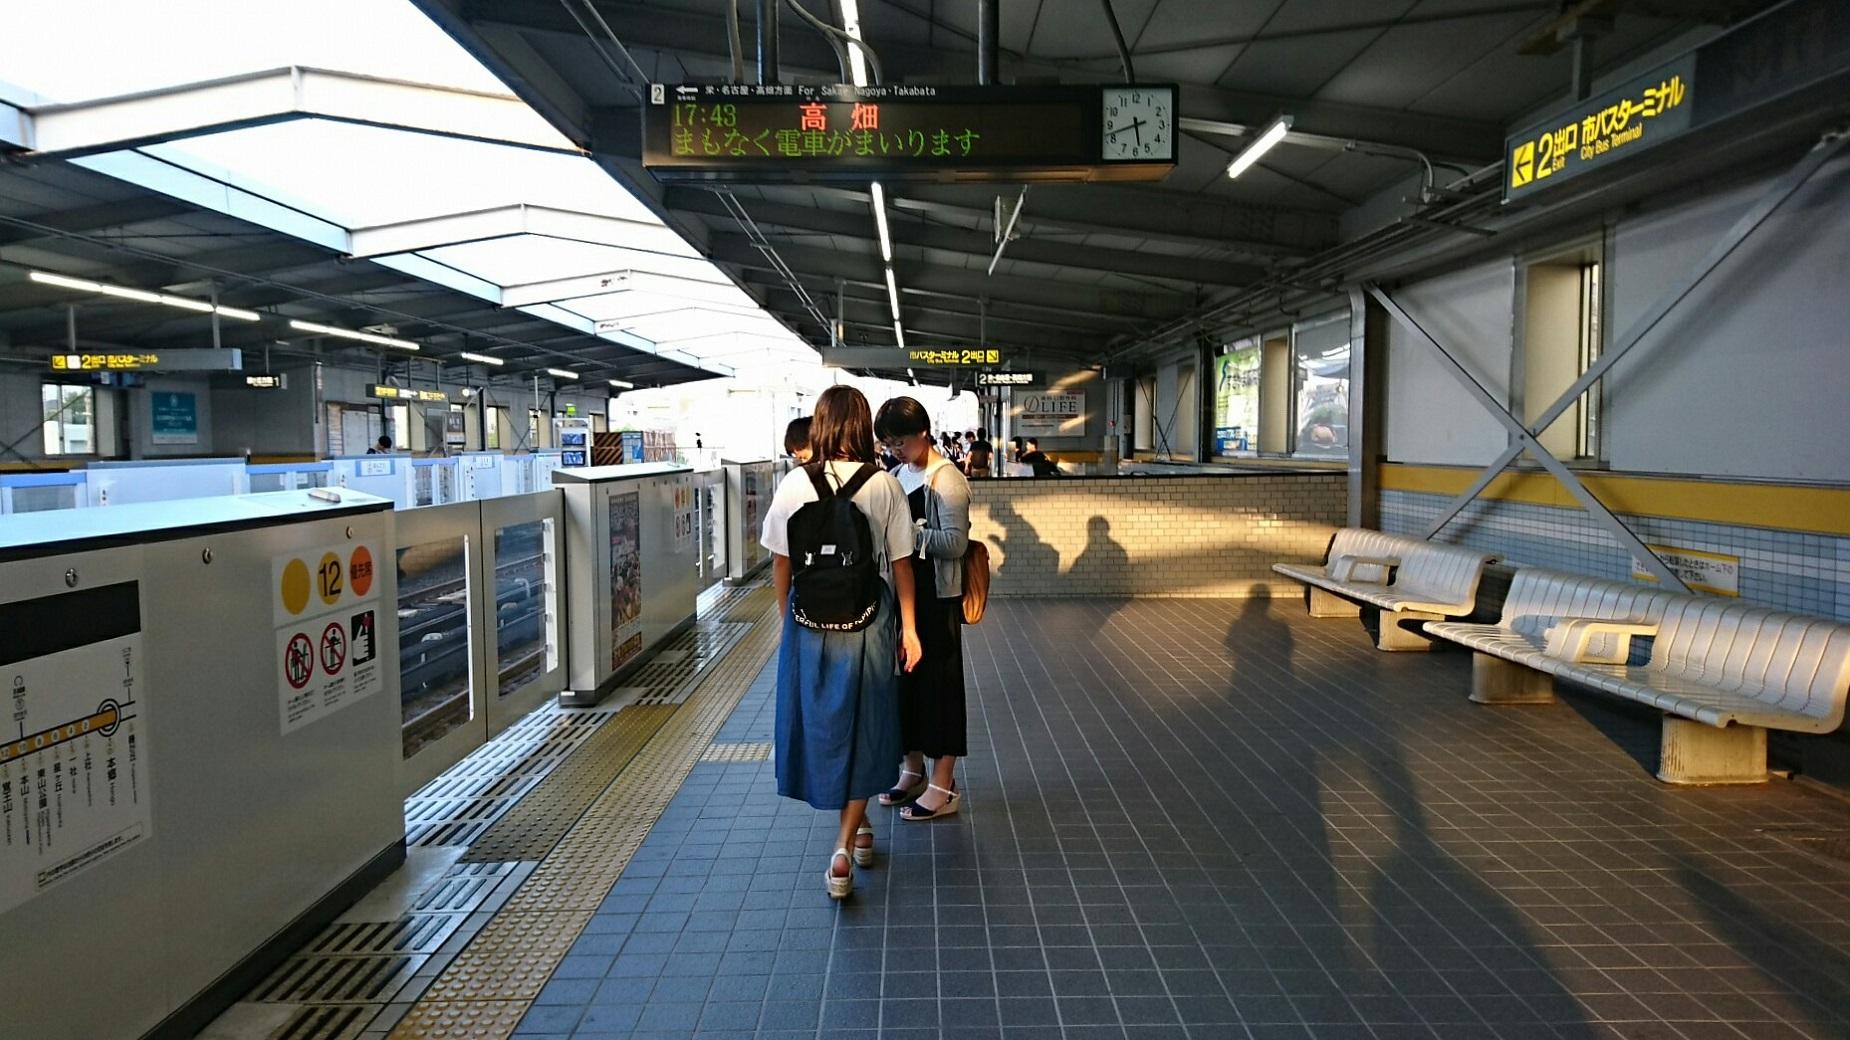 2018.8.29 (111) 本郷 - 発車案内板 1850-1040